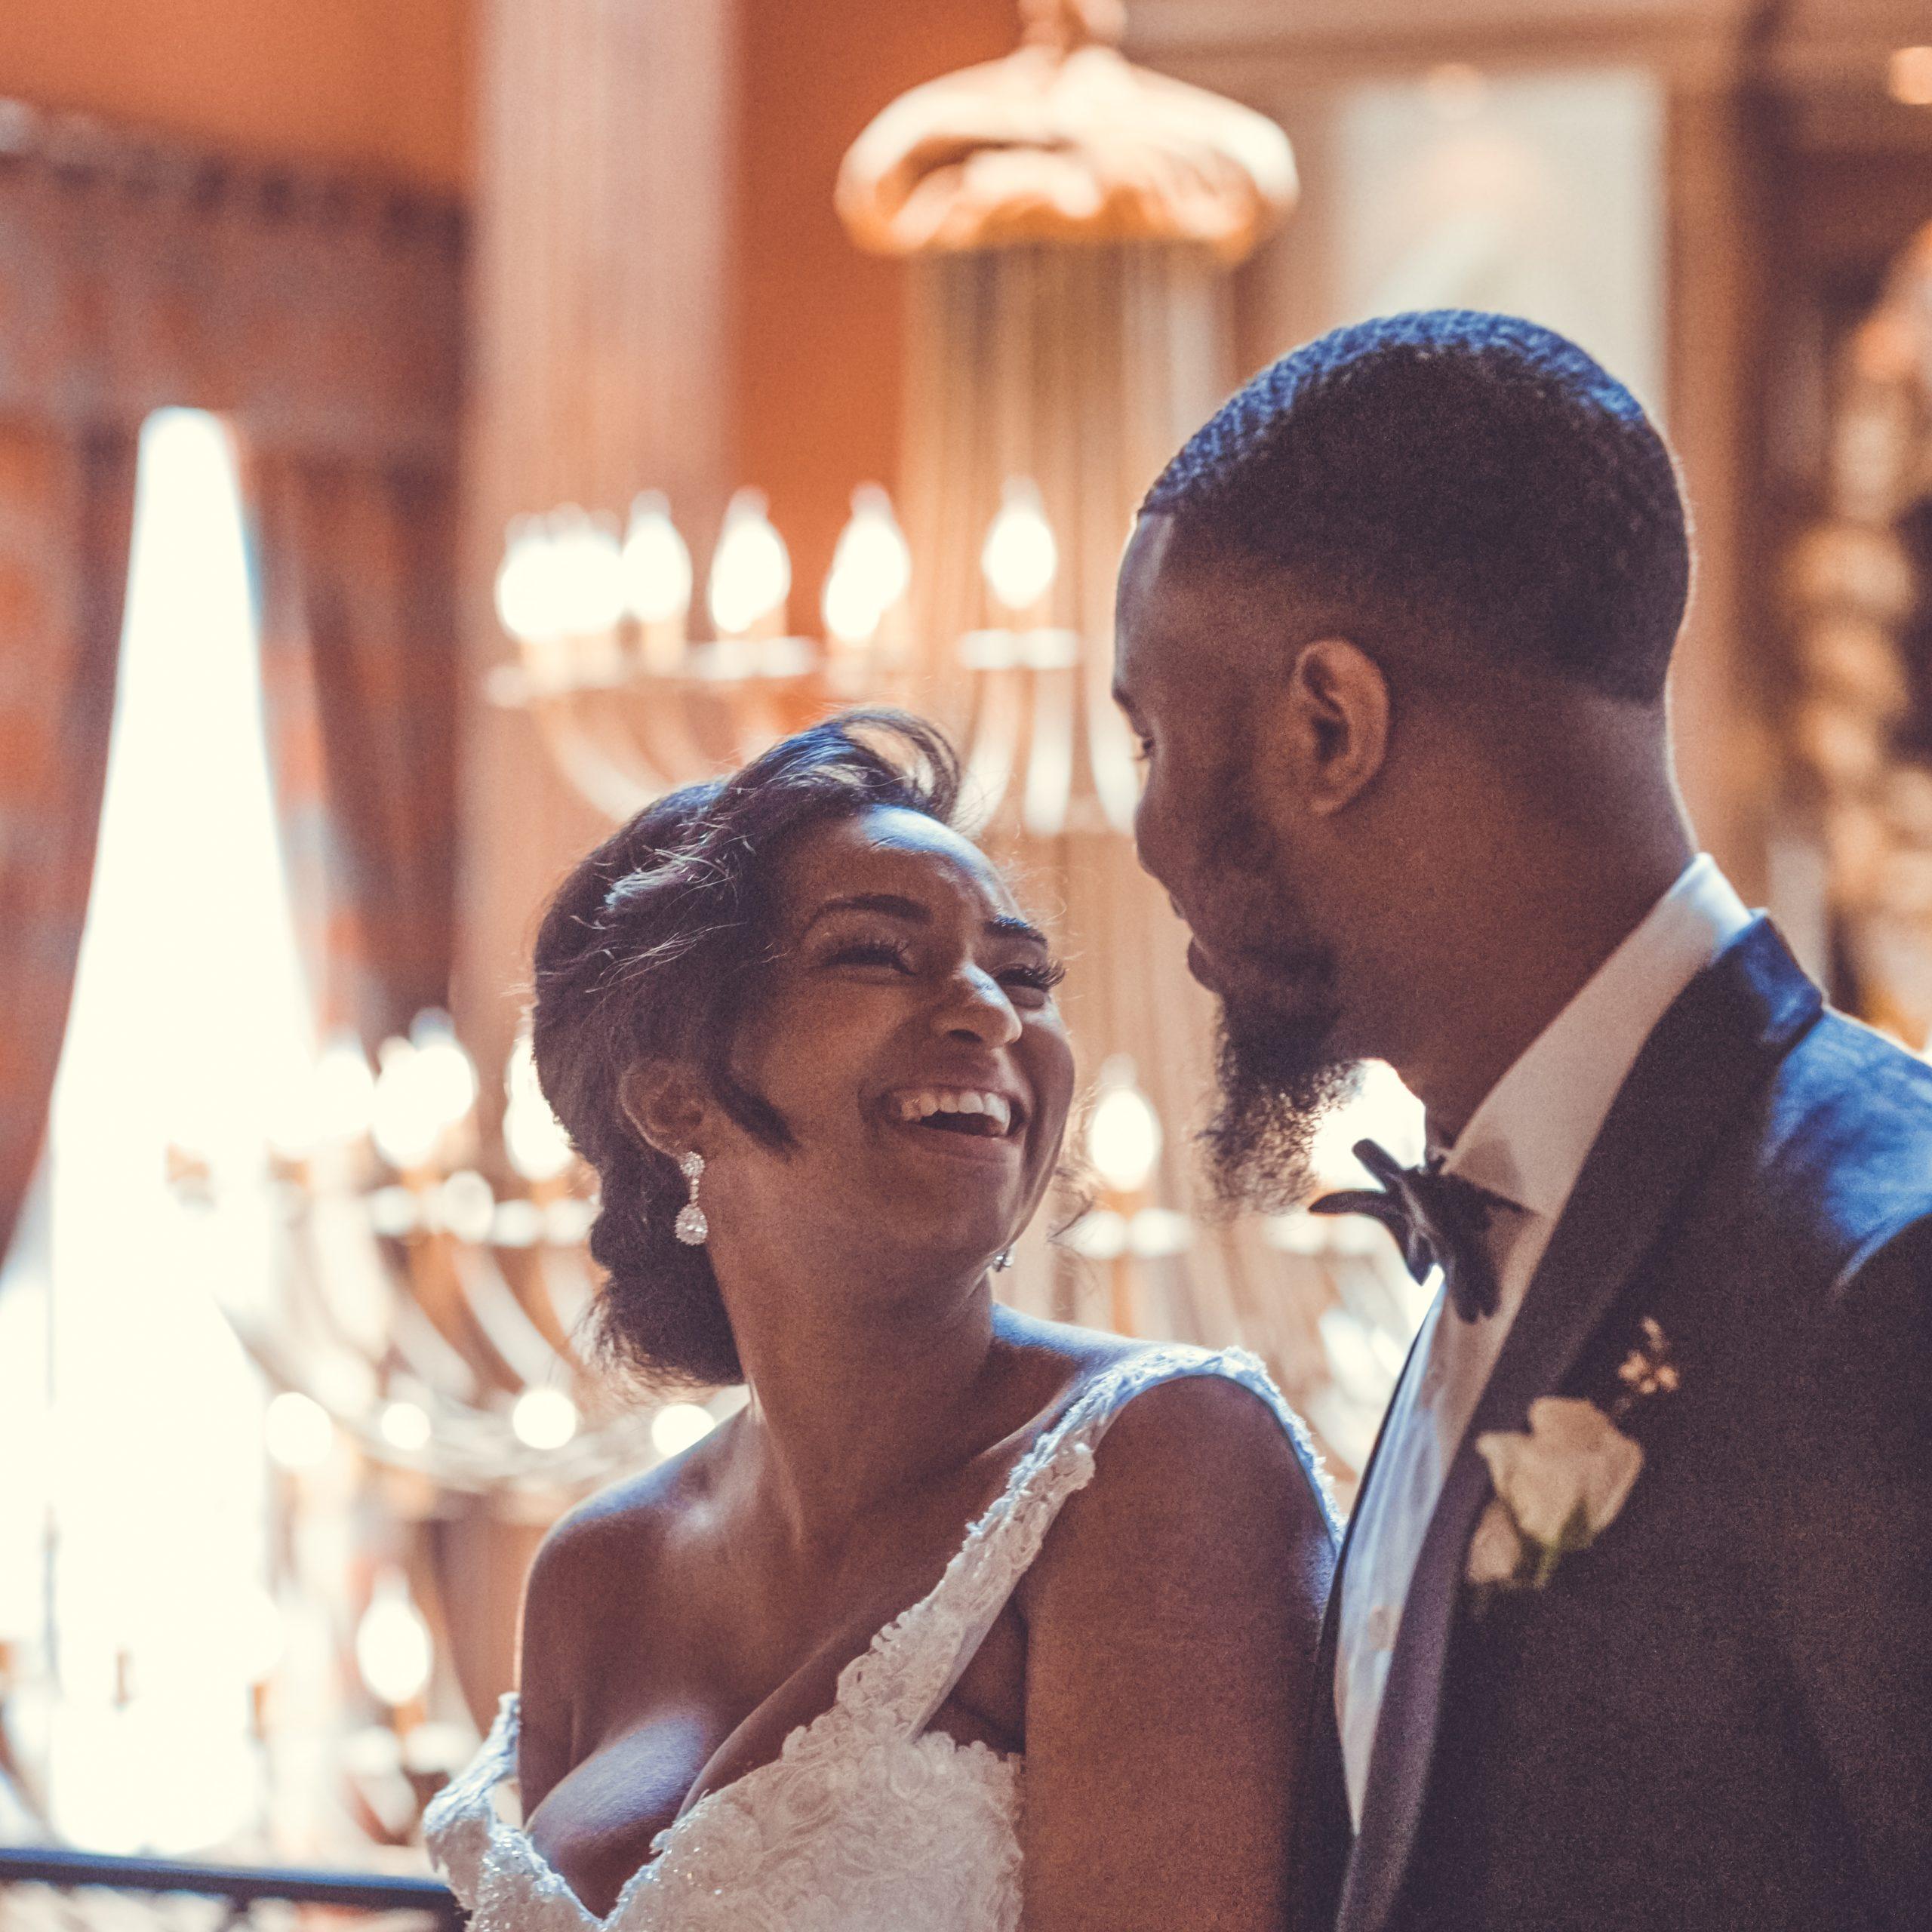 Plan de table pour une salle de mariage avec table d'honneur et tables des invités